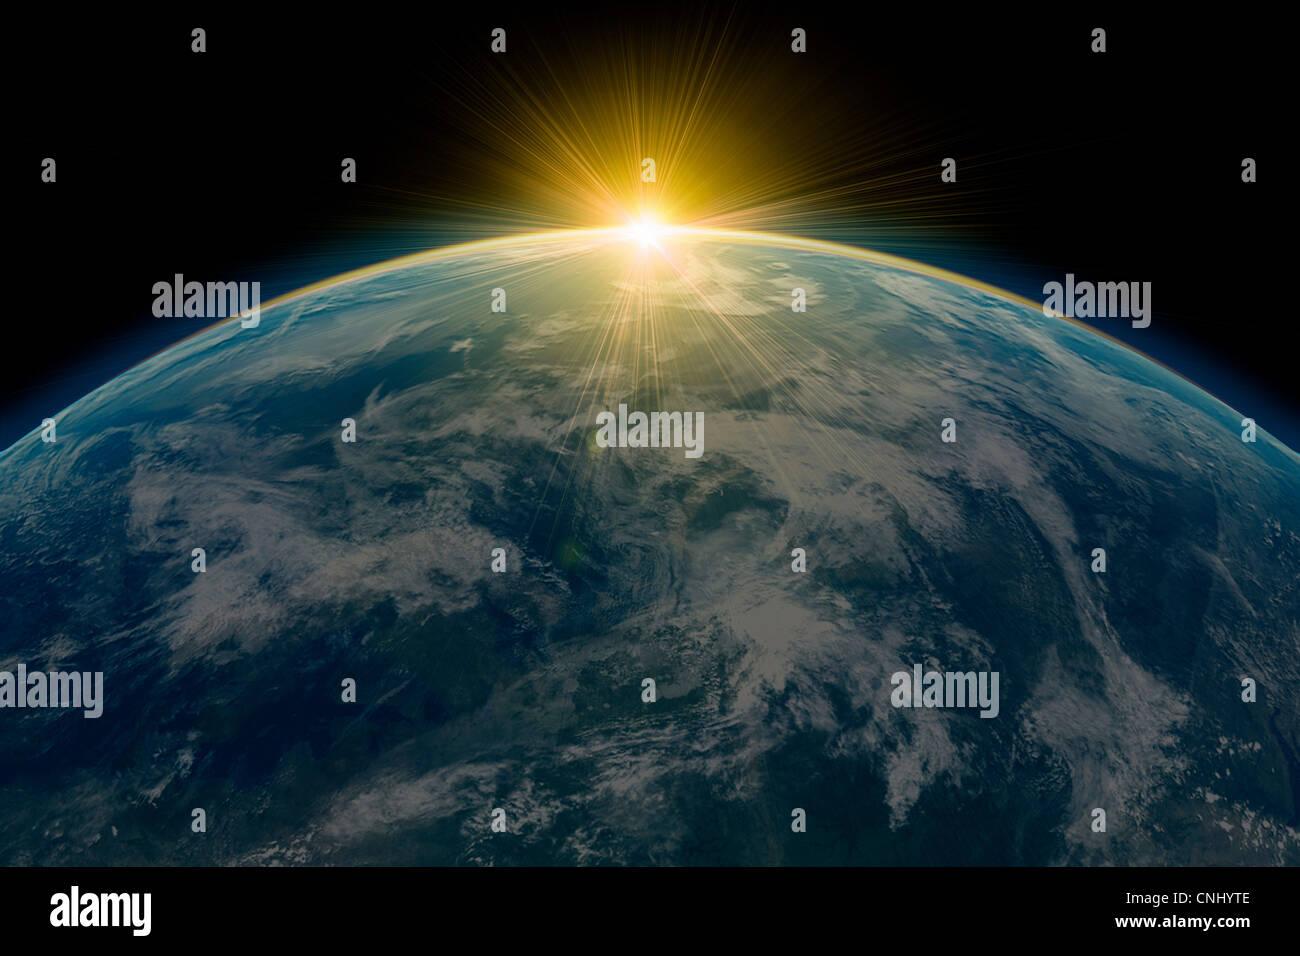 Sonnenaufgang über dem Planetenerde Stockbild